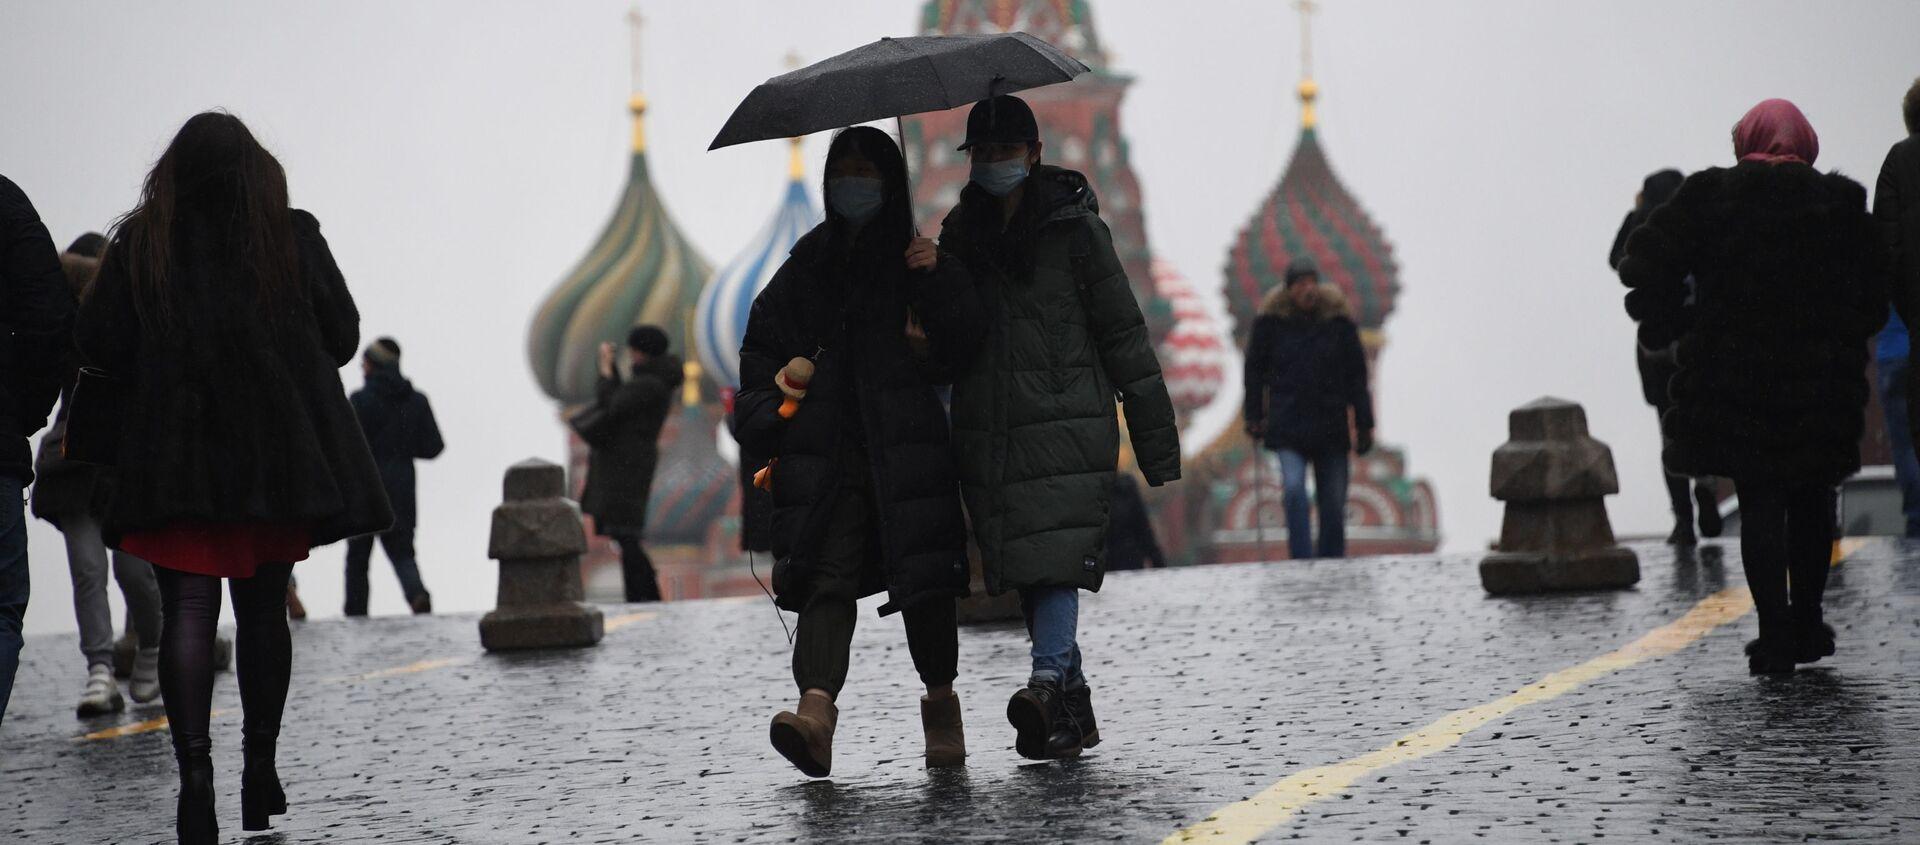 Turisti in mascherine sulla Piazza Rossa a Mosca - Sputnik Italia, 1920, 12.04.2021